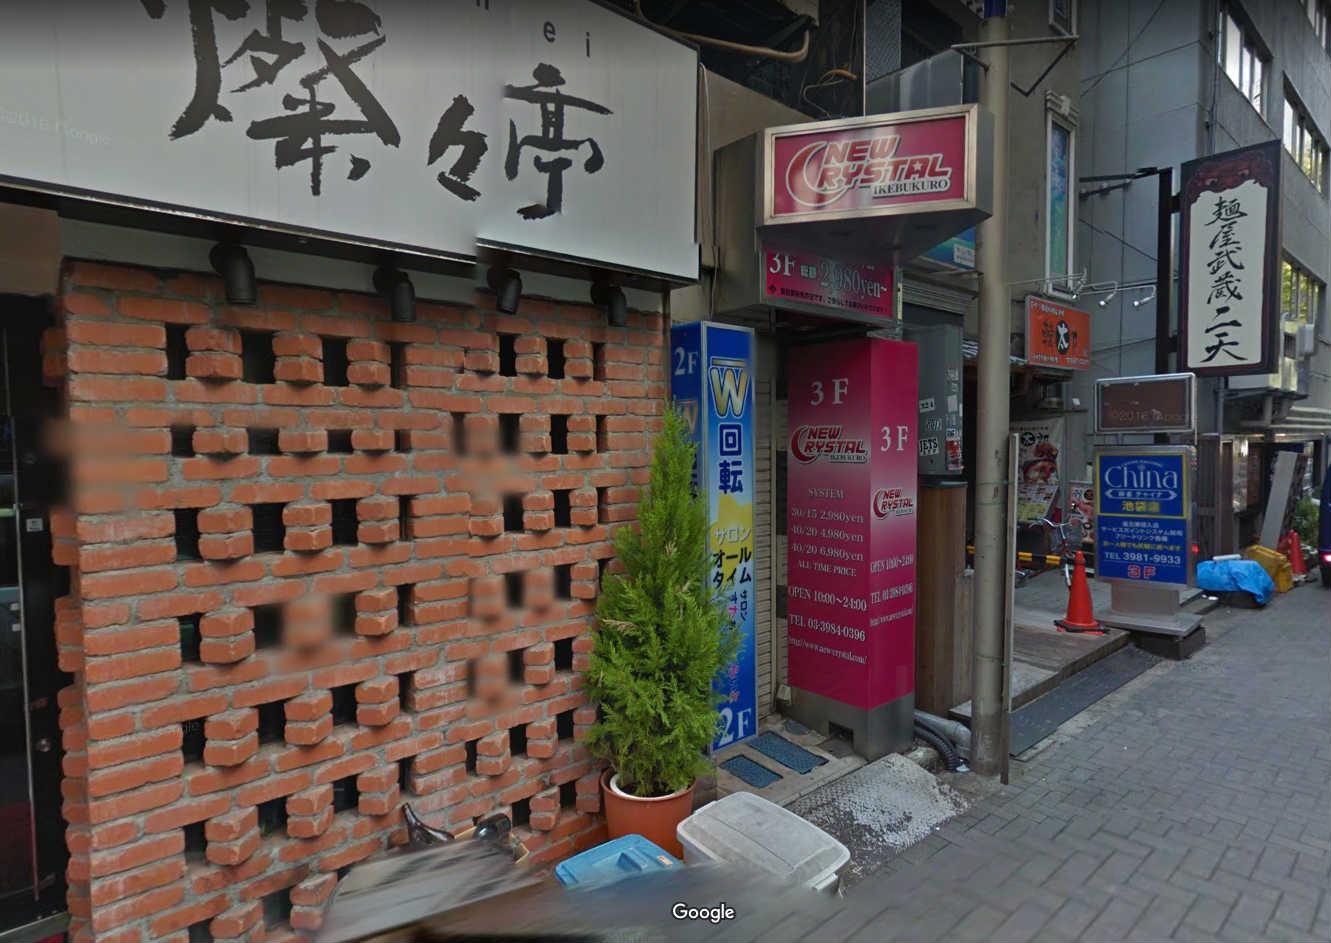 【池袋07】池袋の手コキ店「ニュークリスタル」のサービス内容は!?